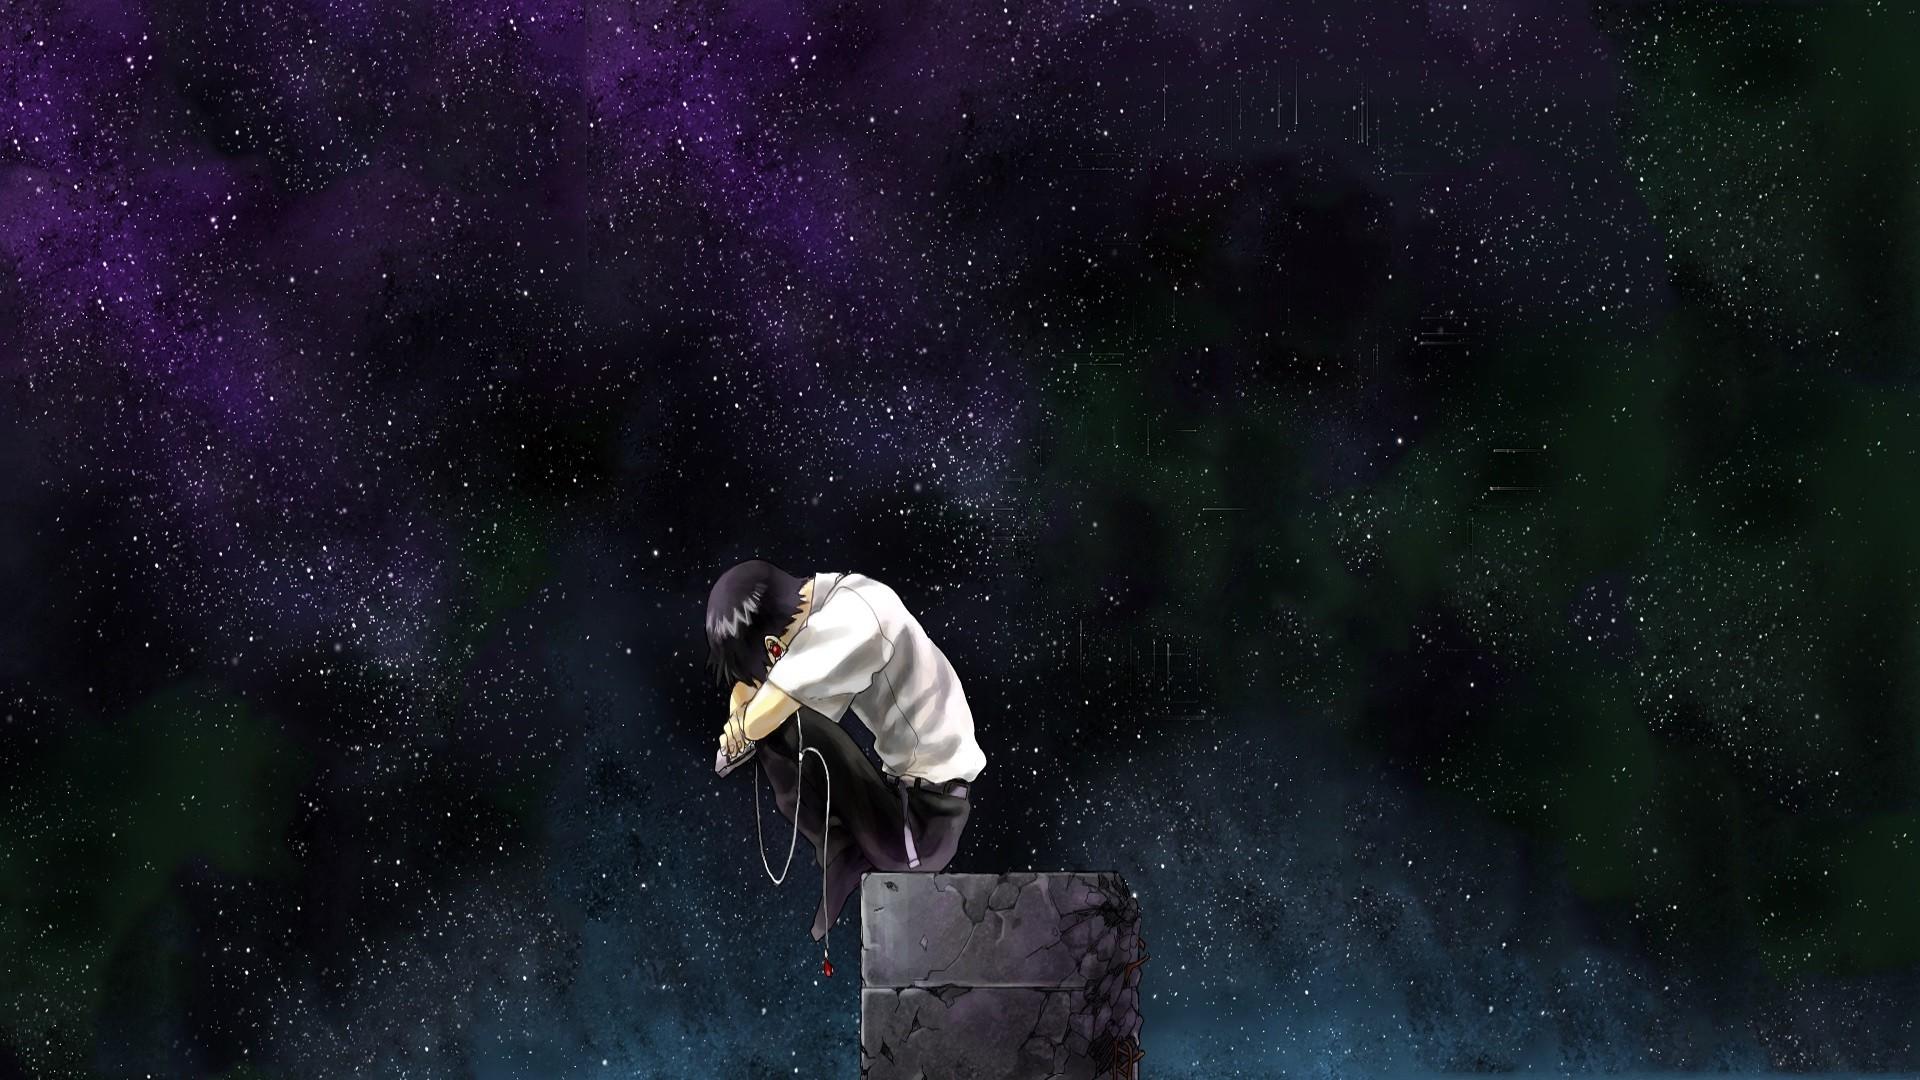 Neon Genesis Evangelion, Ikari Shinji, Stars, Alone, Anime